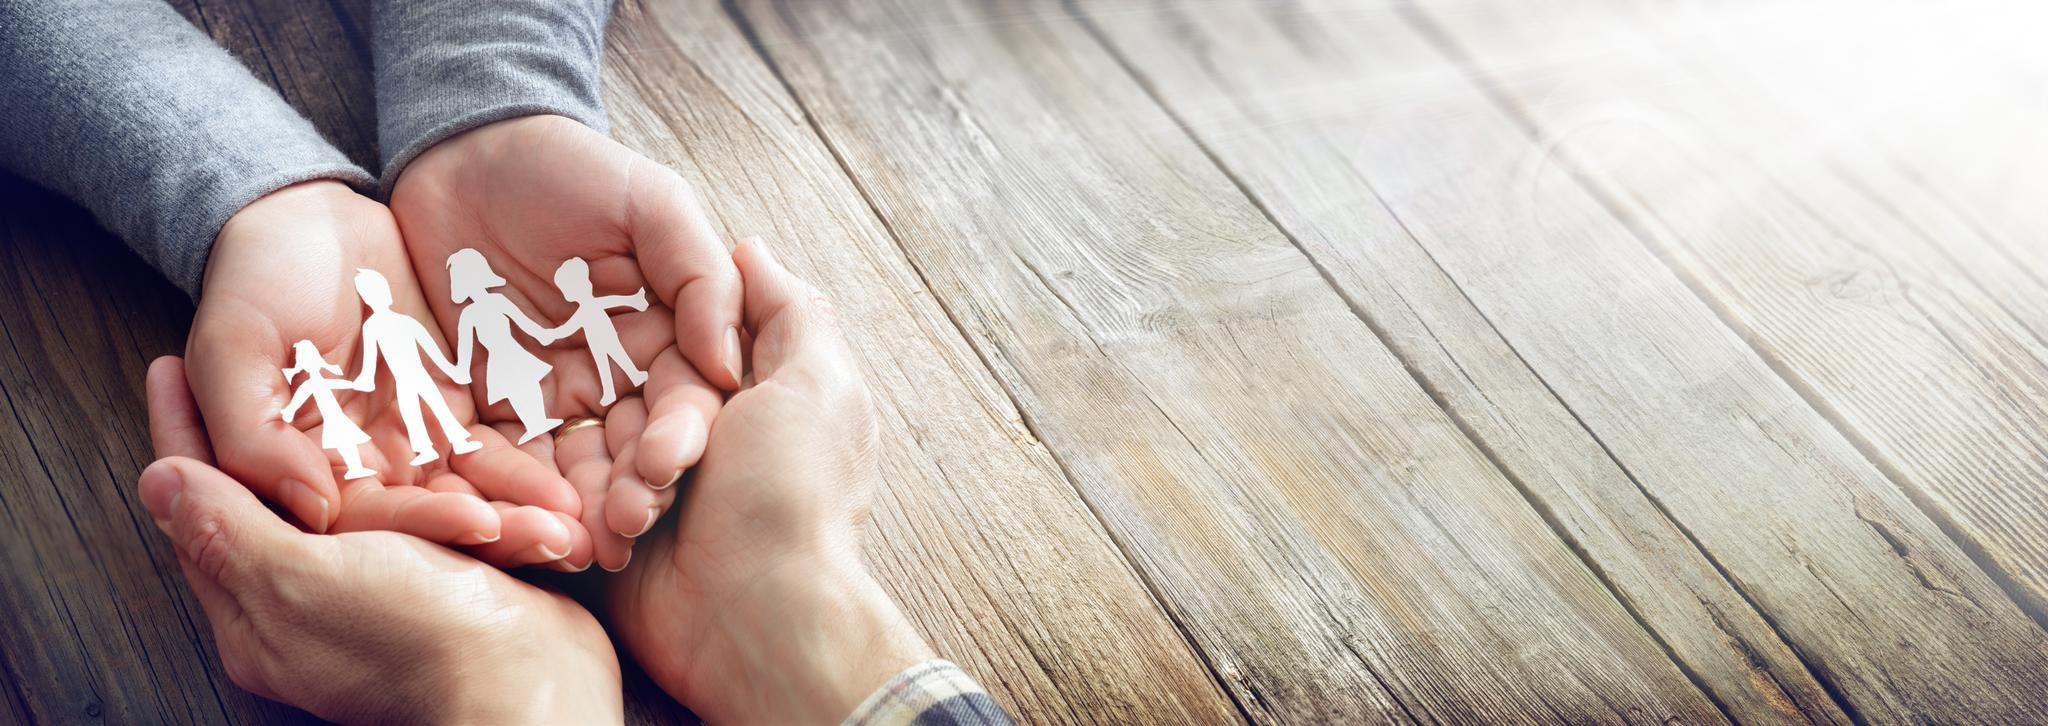 Aus weißem Papier geschnittene Familien-Silhouette liegt auf geöffneten Frauenhänden, die wiederum von Männerhänden gehalten werden